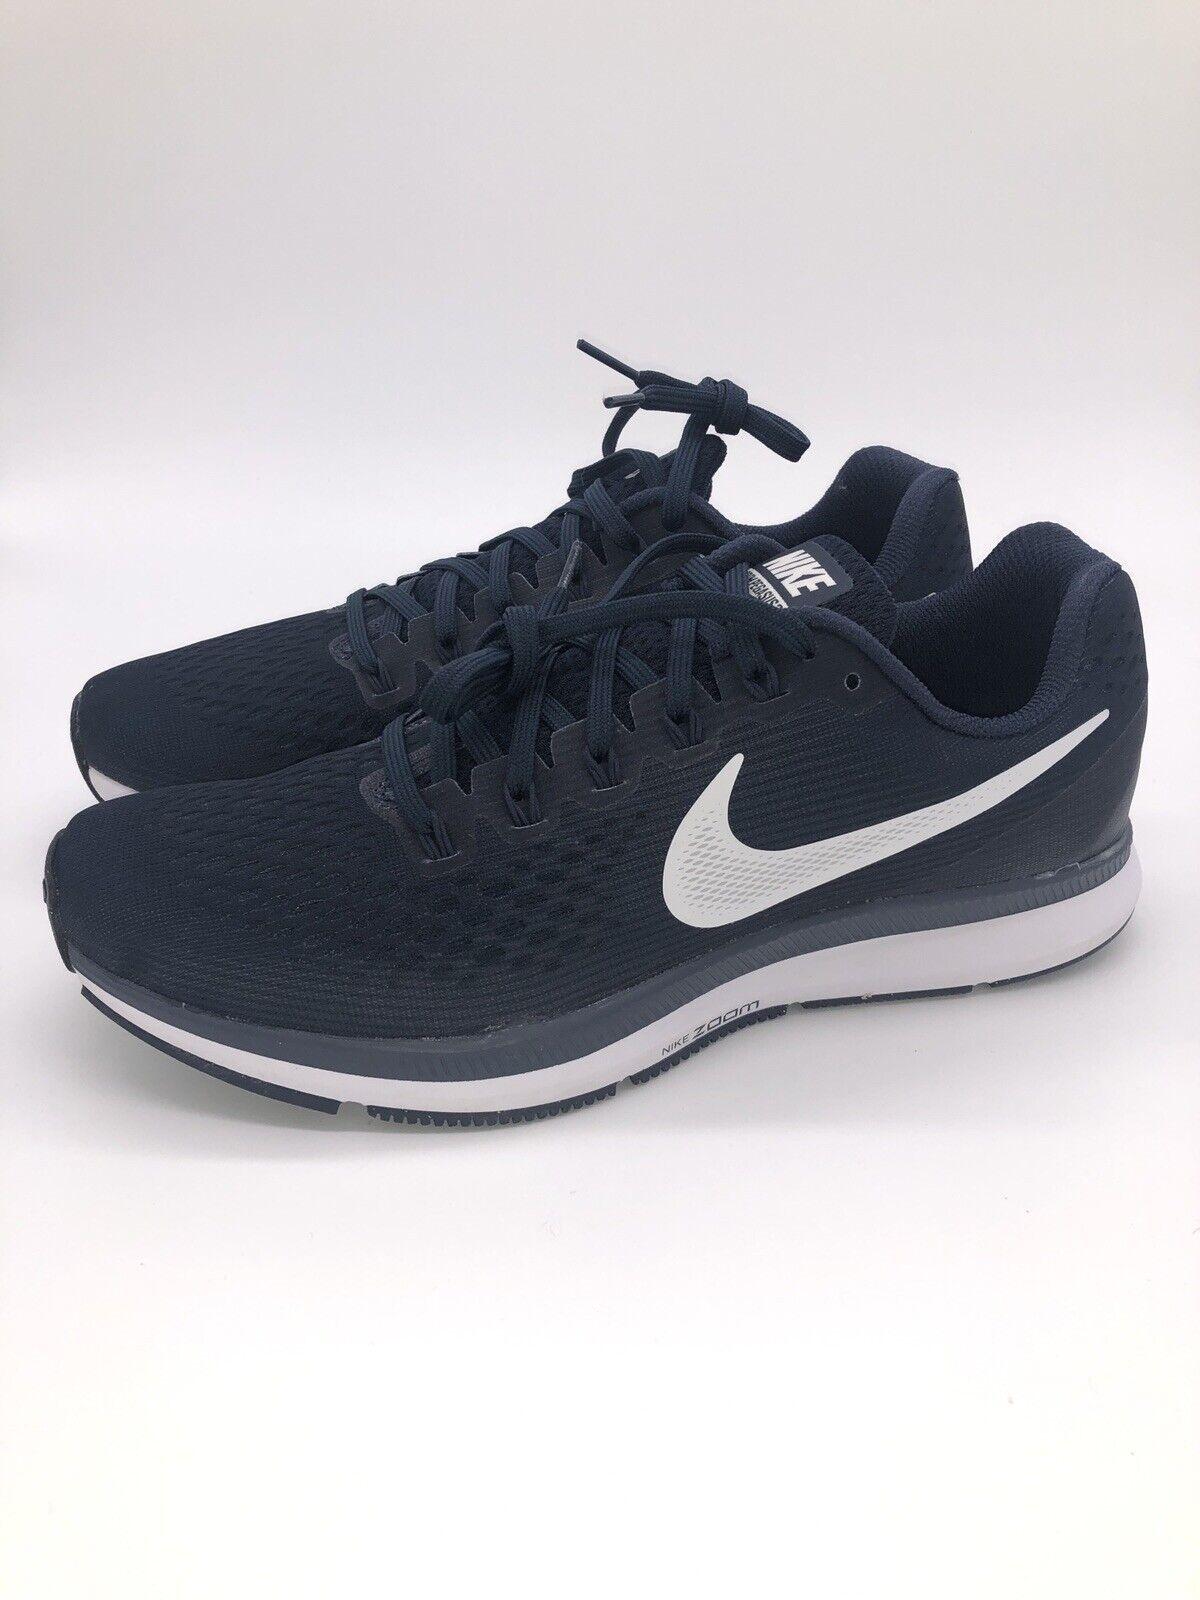 Nike  880555-407 Men's Air Zoom Pegasus 34 Running shoes Size 9